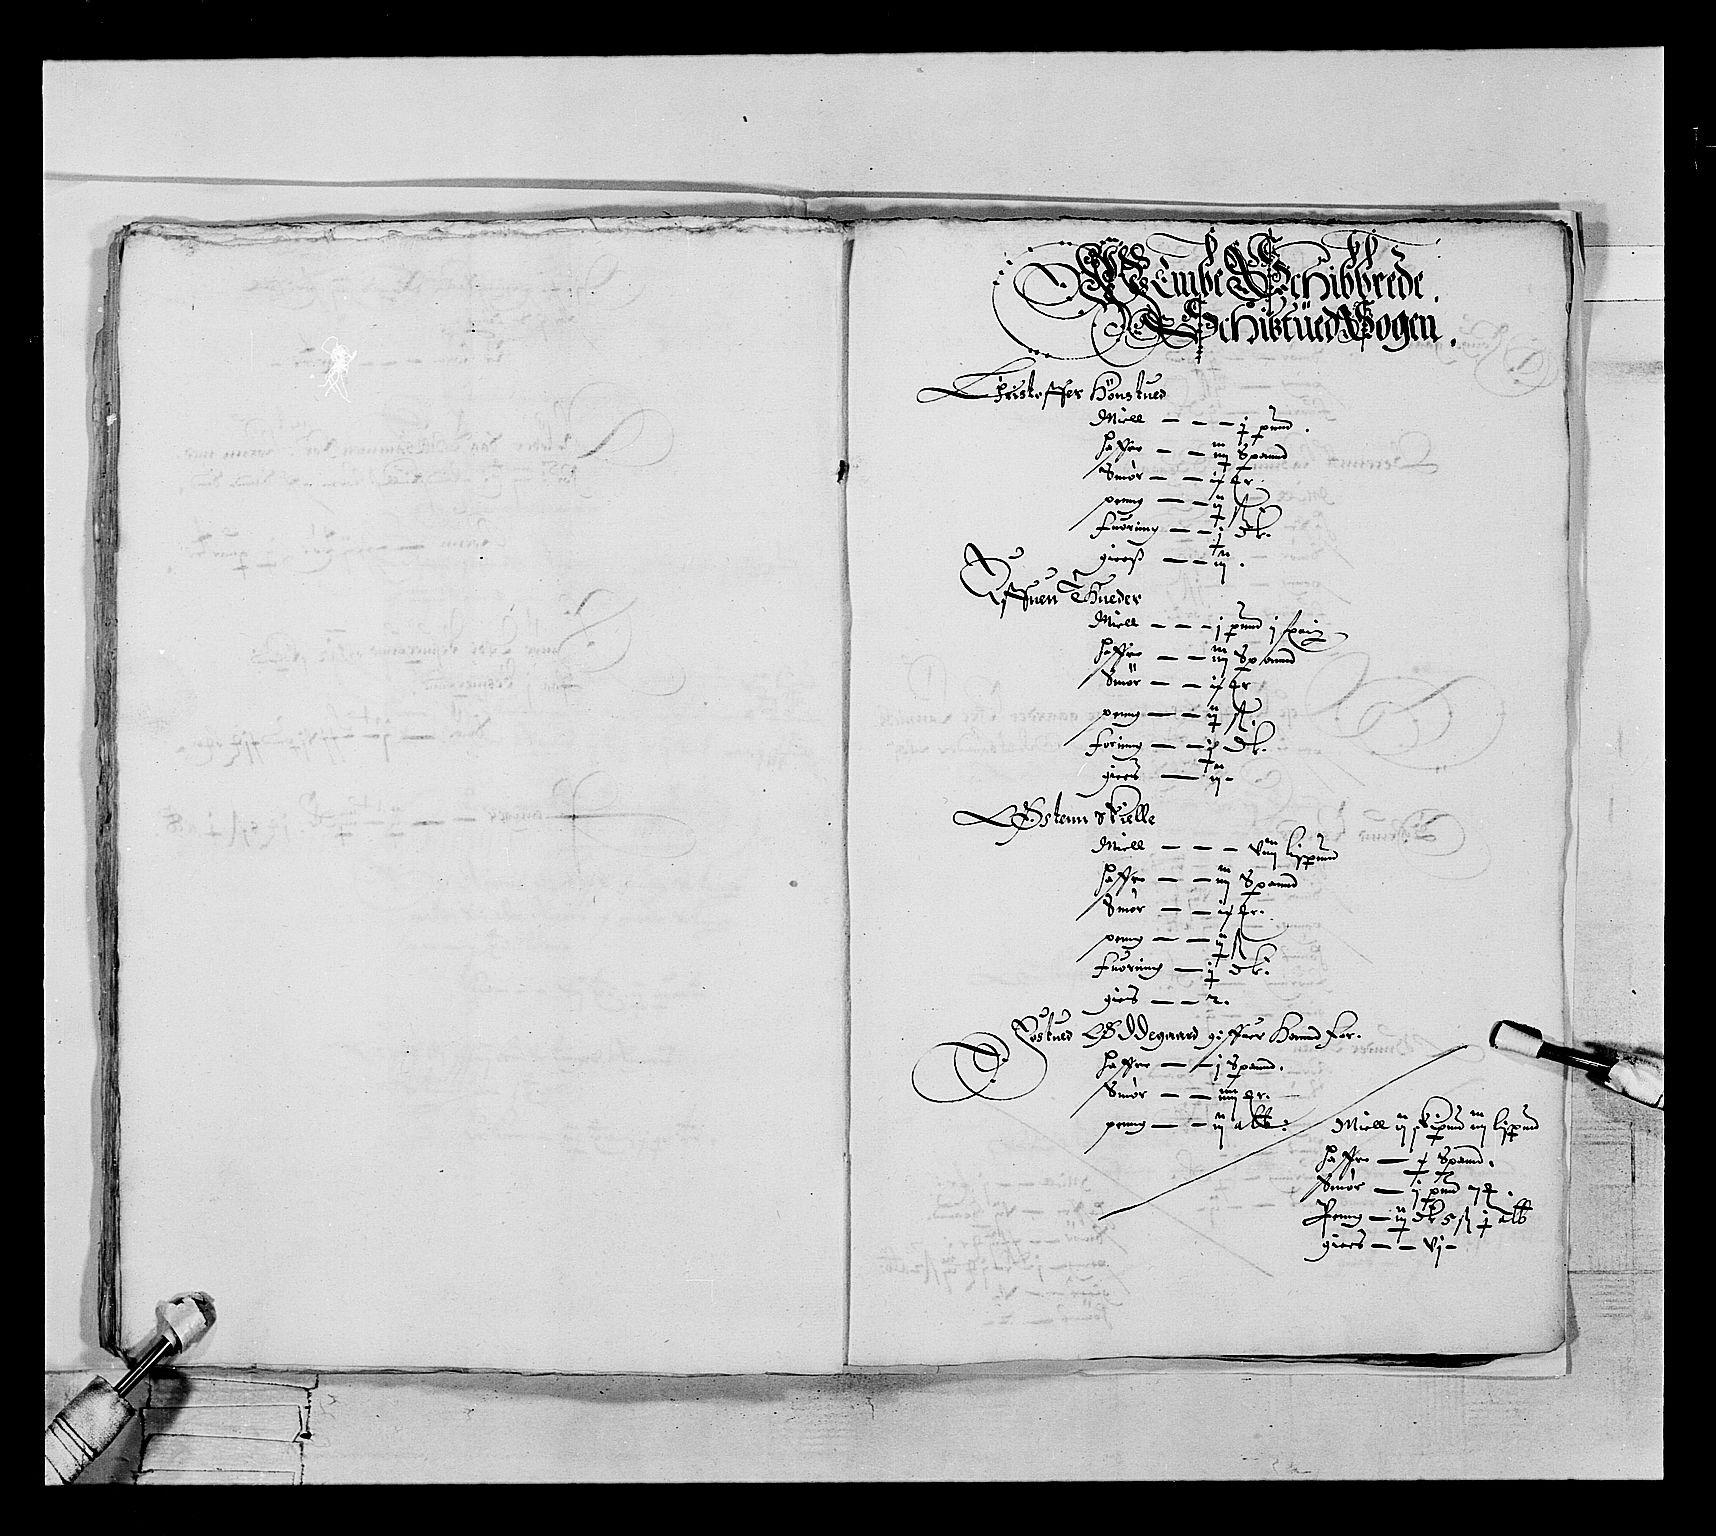 RA, Stattholderembetet 1572-1771, Ek/L0022: Jordebøker 1633-1658:, 1646-1647, s. 33